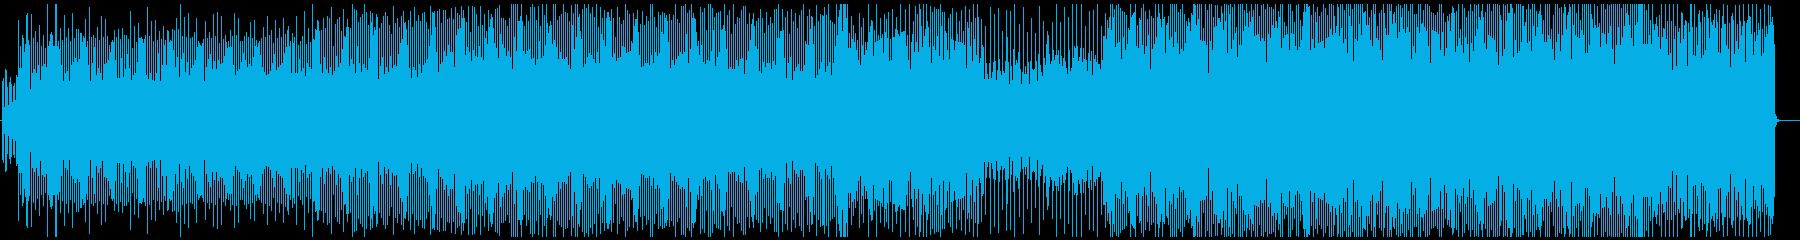 宮本武蔵 五輪書 空の巻を表現しました。の再生済みの波形